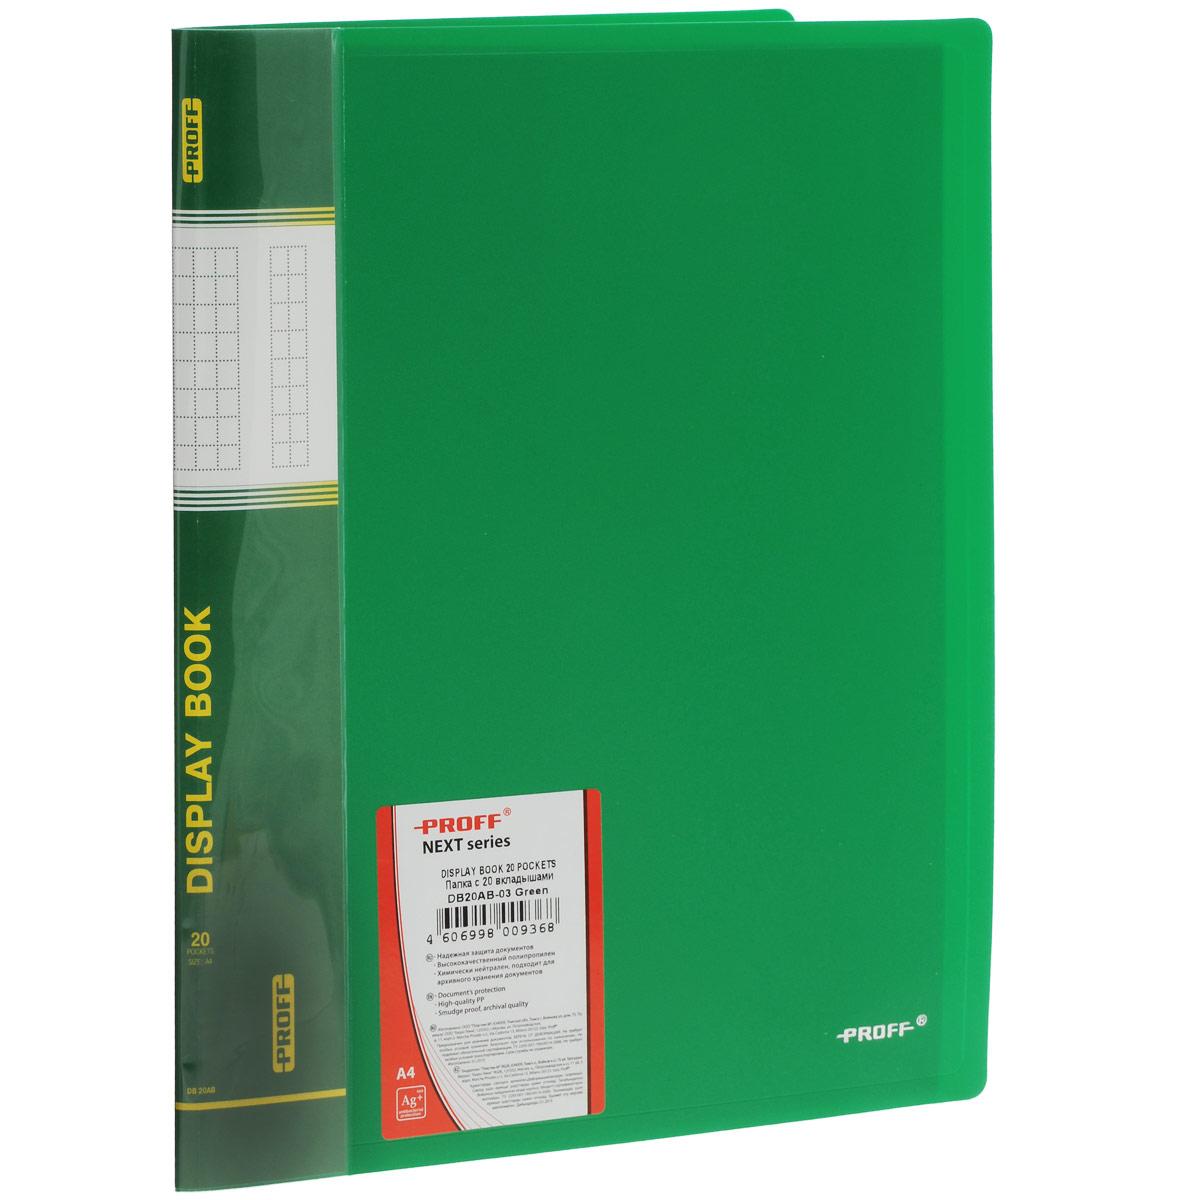 Папка Proff Next, на 20 файлов, цвет: зеленый. Формат А4DB20AB-03Папка с файлами Proff Next - это удобный и практичный офисный инструмент,предназначенный для хранения и транспортировки рабочих бумаг и документовформата А4. Обложка выполнена из плотного полипропилена. Папка включает в себя 20 прозрачных файлов формата А4. Папка с файлами - это незаменимый атрибут для студента, школьника,офисного работника. Такая папка надежно сохранит ваши документы и сбережетих от повреждений, пыли и влаги.